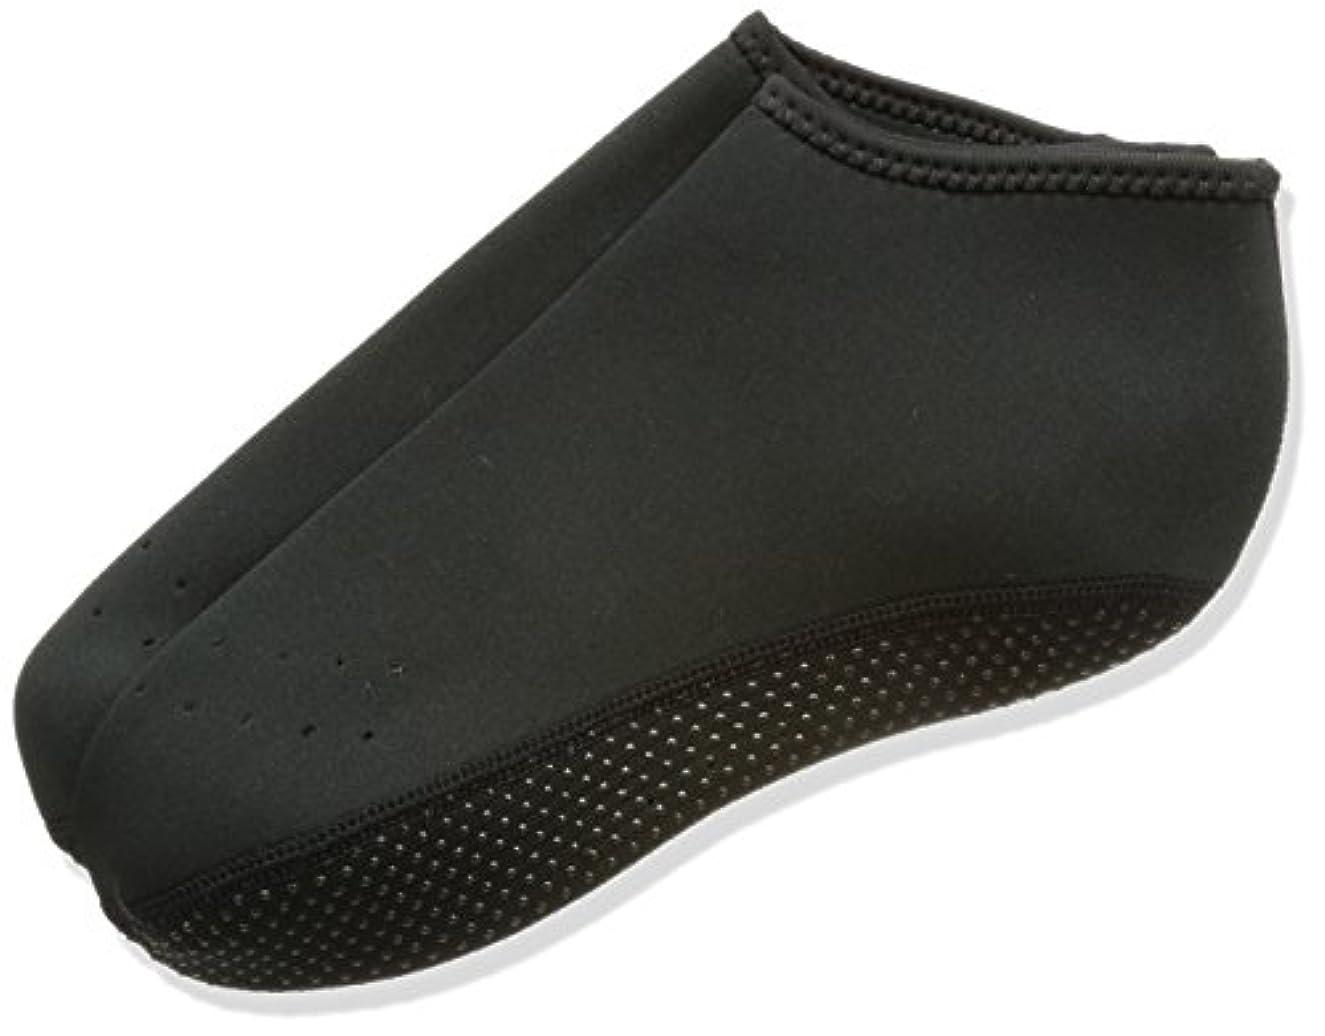 誓い挨拶する技術ウェットスーツ素材で保温性抜群 靴下の上から履ける 防寒ソックス 防寒靴下 インナーソックス [ショート 丈] (M (24.0~25.0cm))